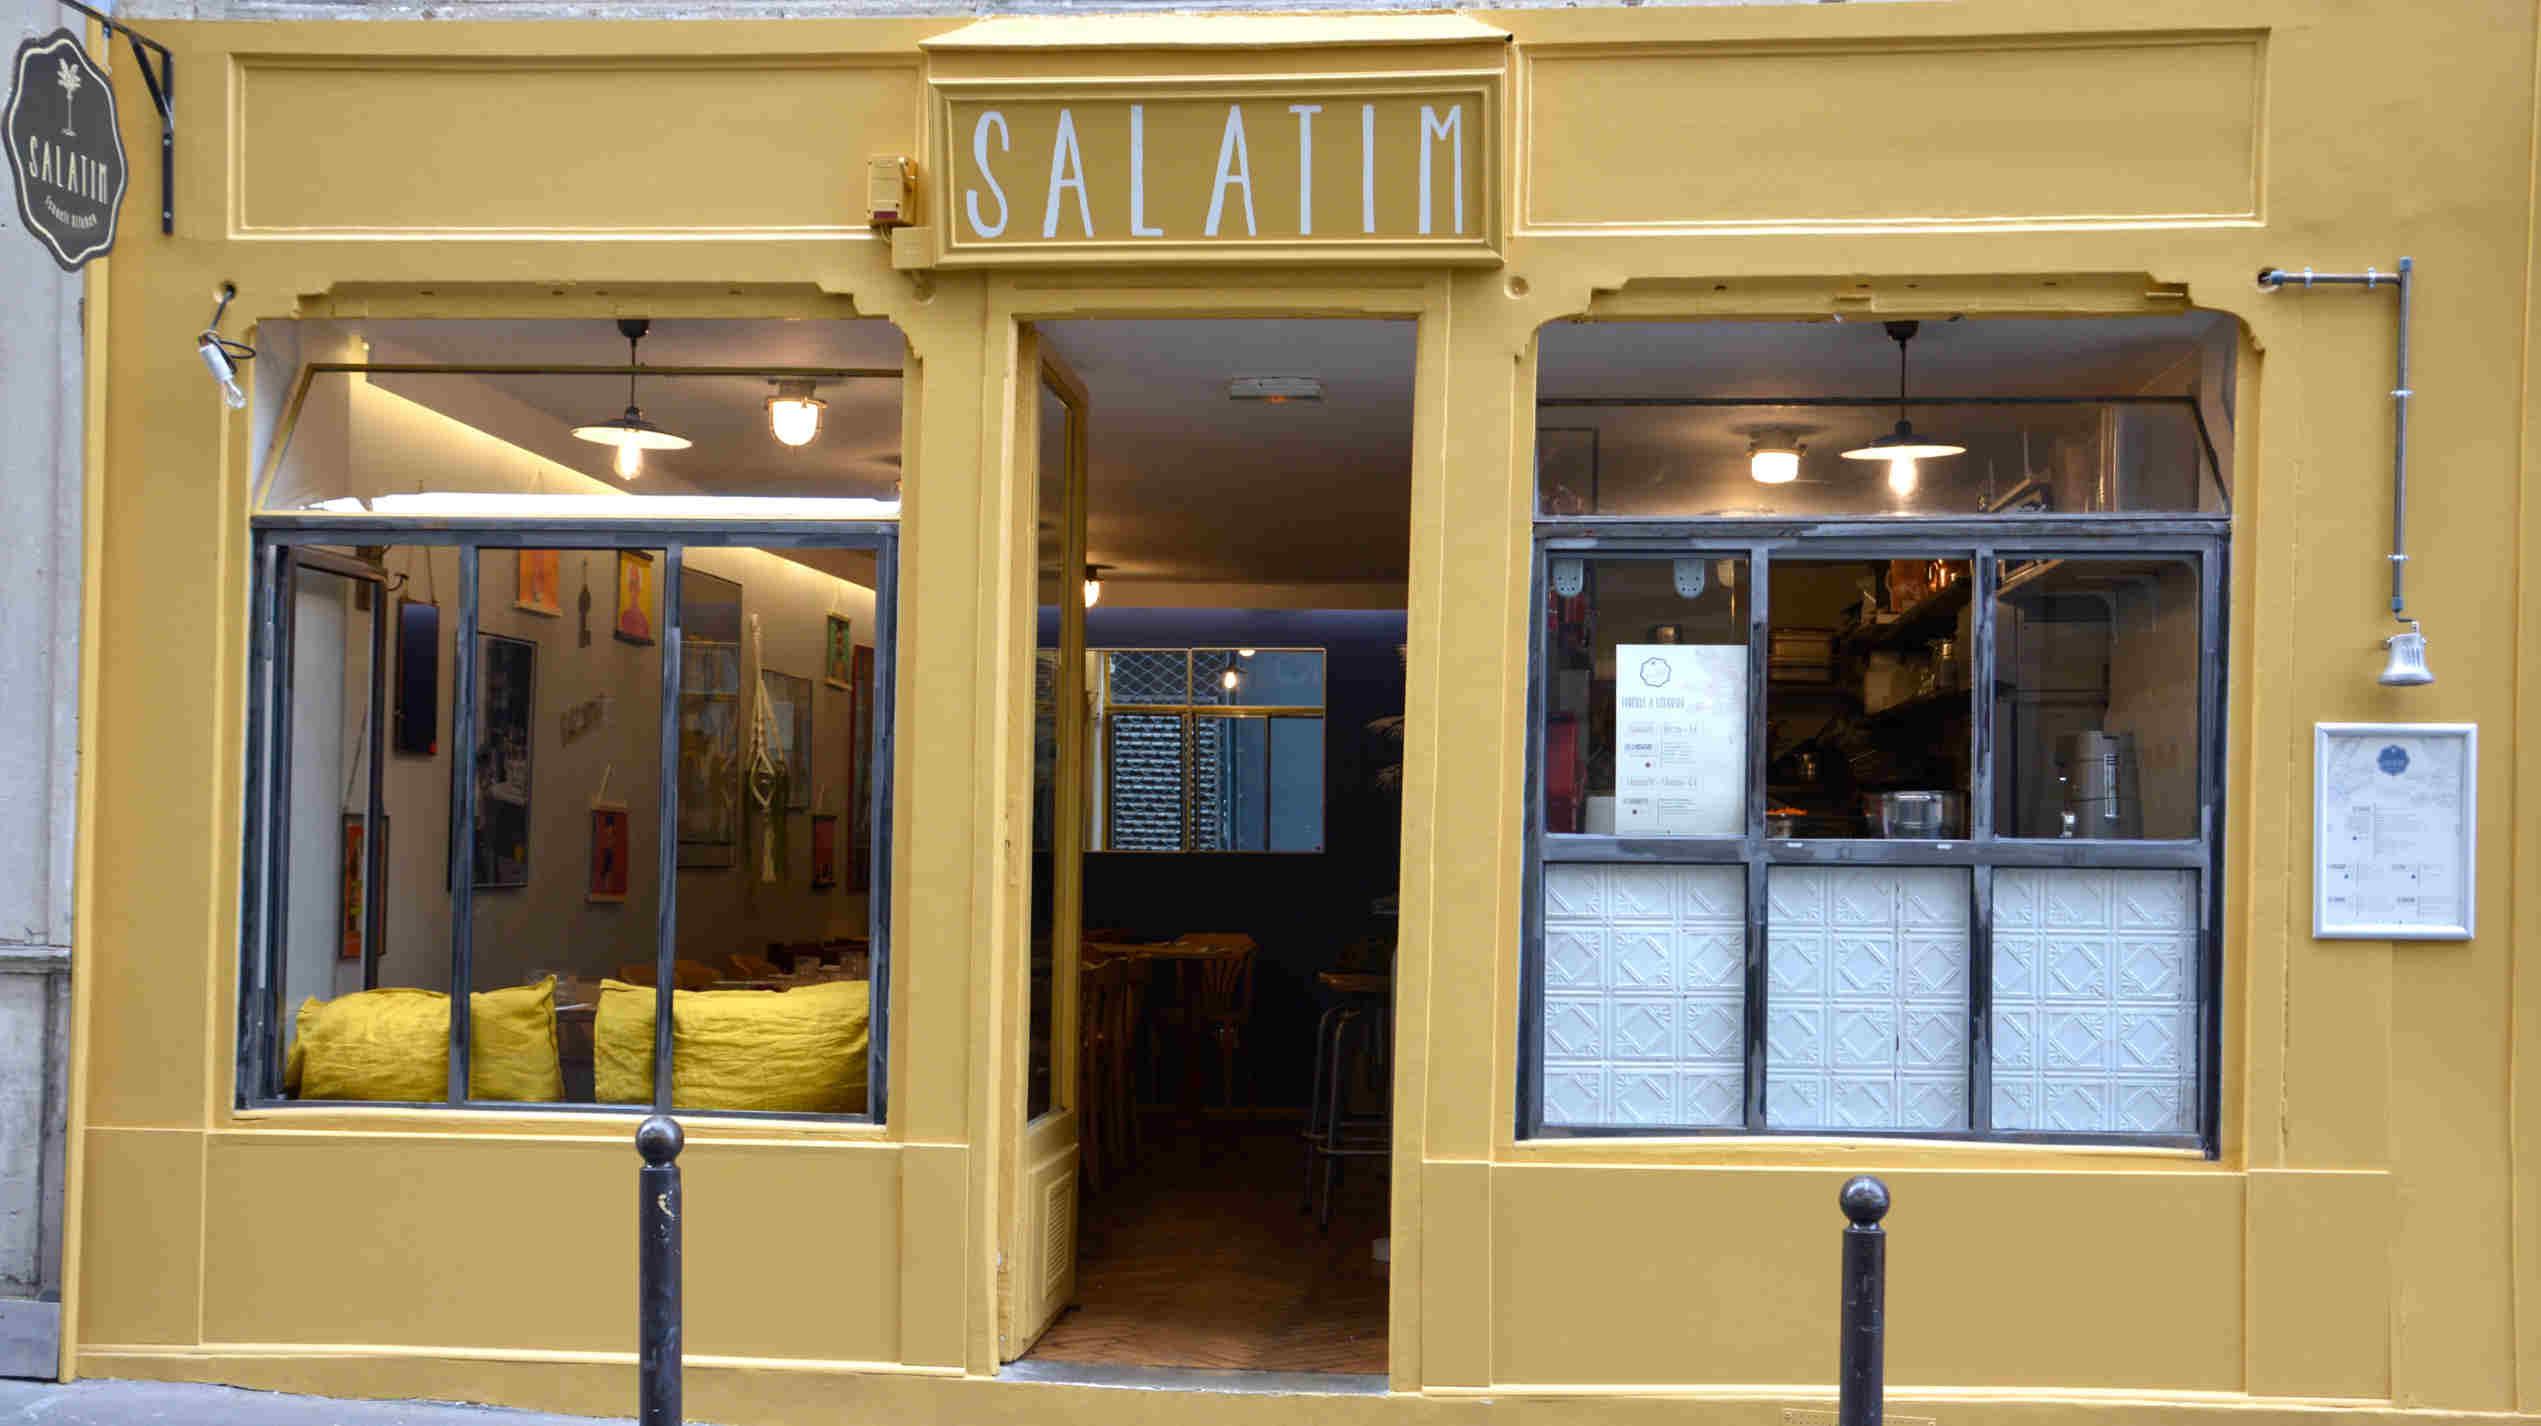 Salatim